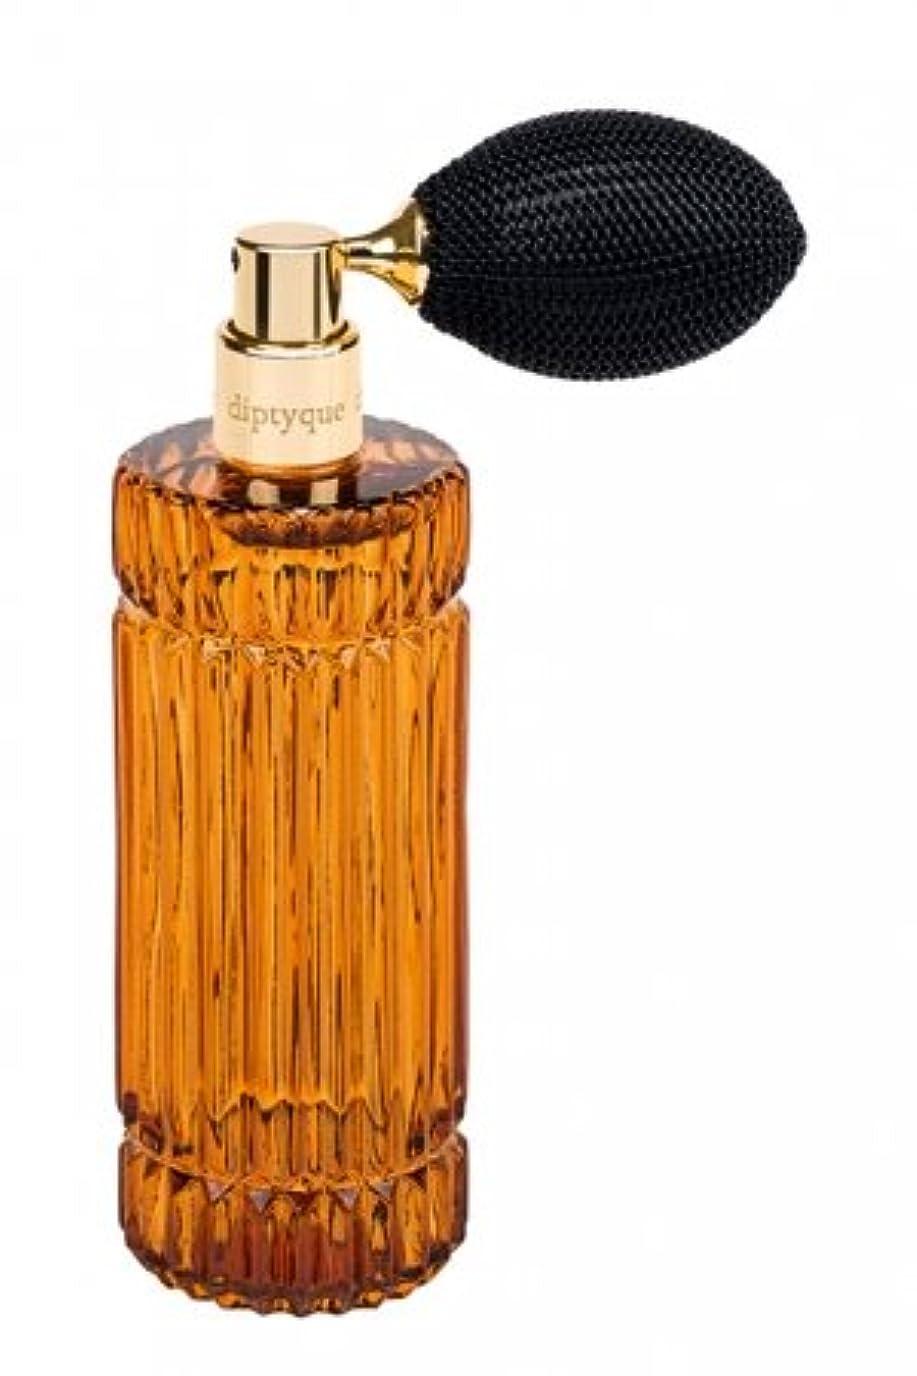 境界乱暴なエクステントDiptyque Essences Insensées (ディプティック エッセンス インセンシーズ) 2.5 oz (75ml) EDP Spray for Women